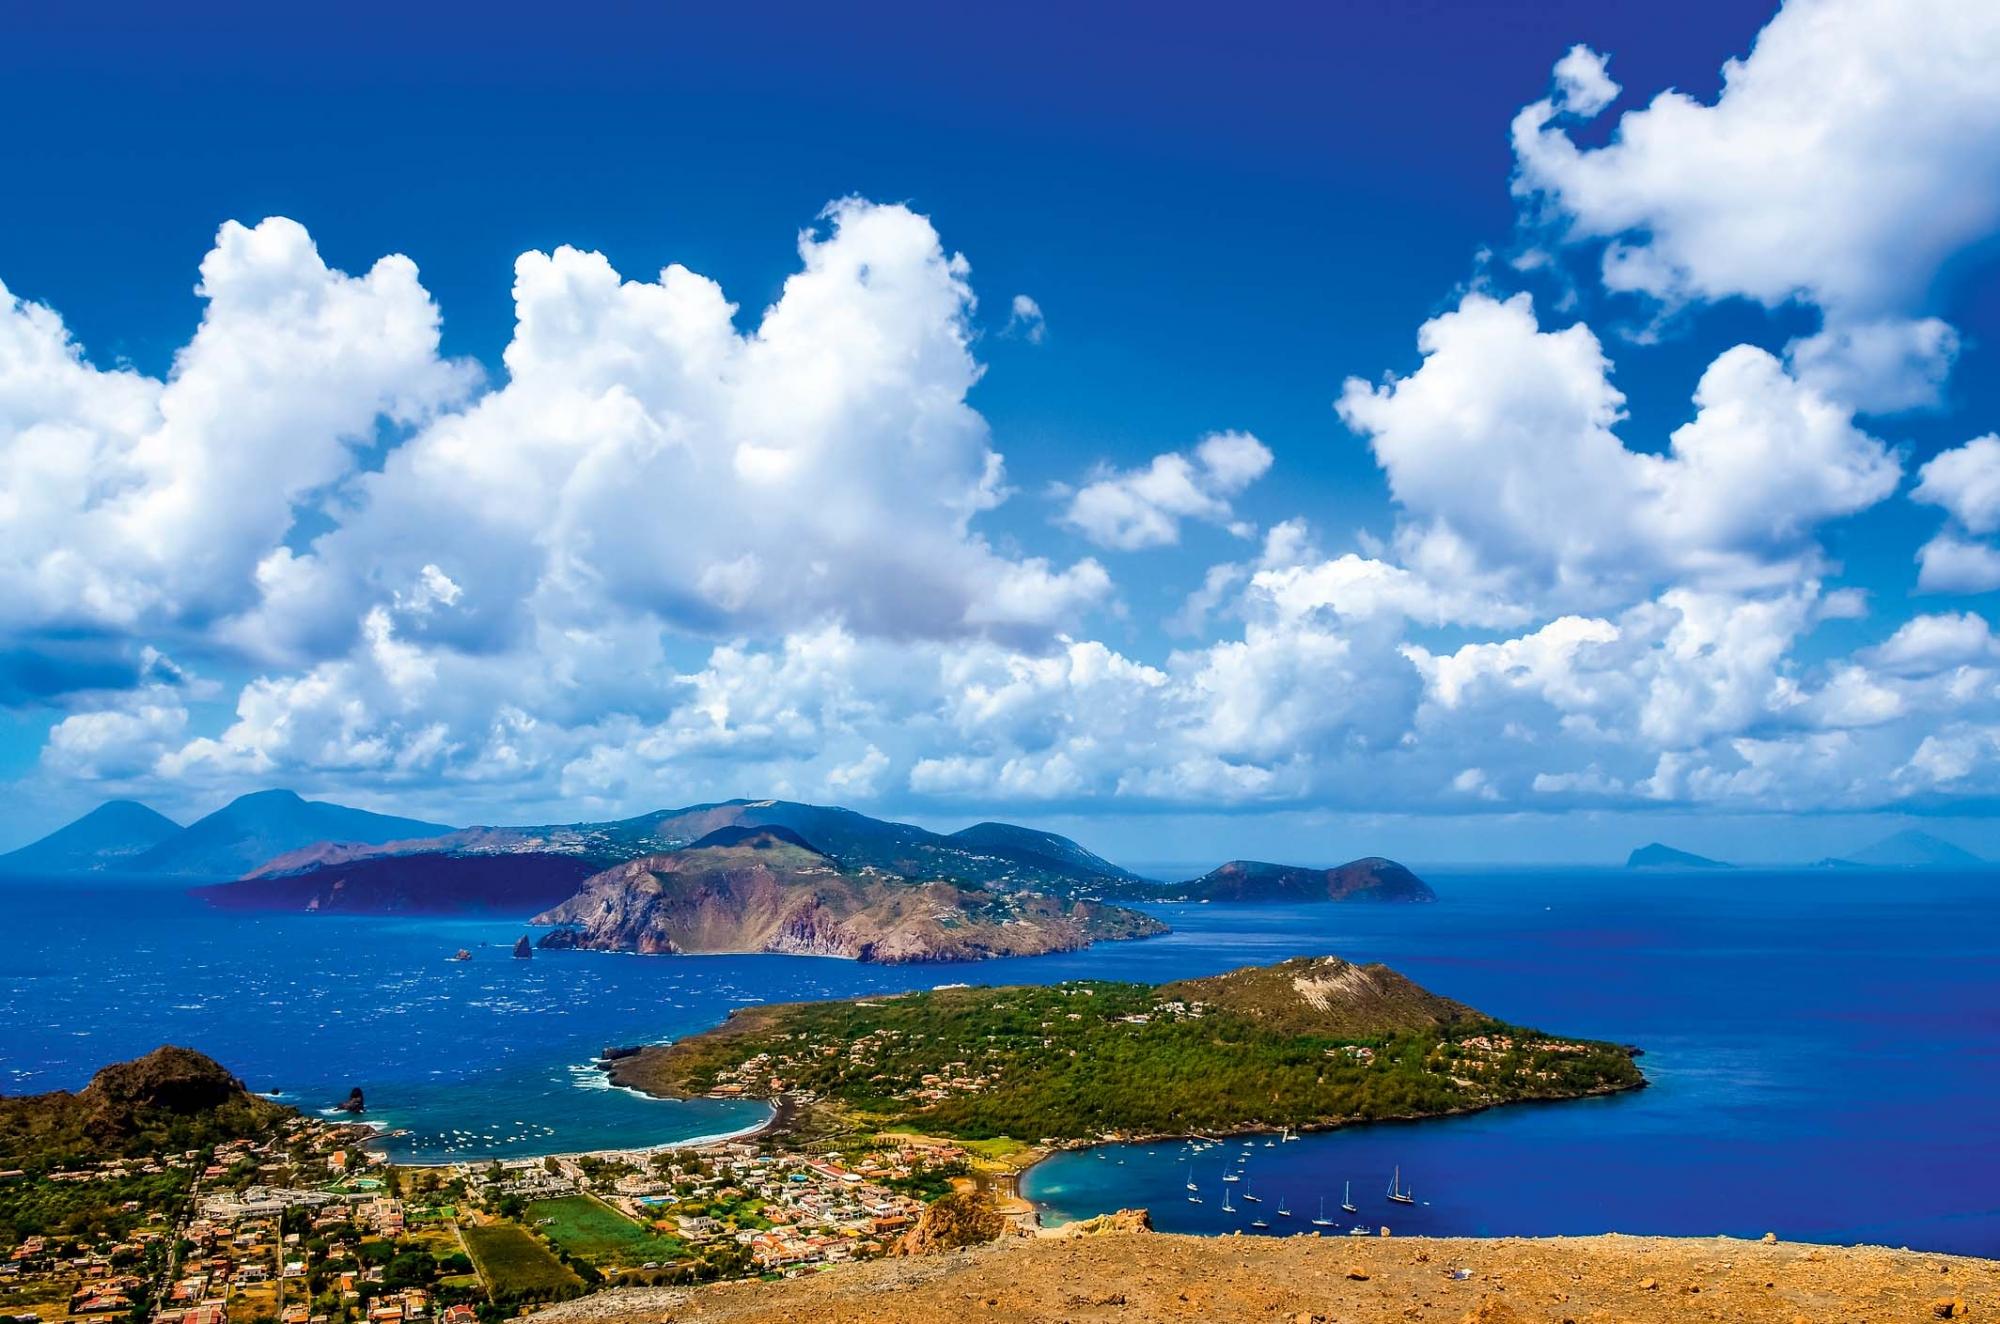 Äolische Inseln, Lipari